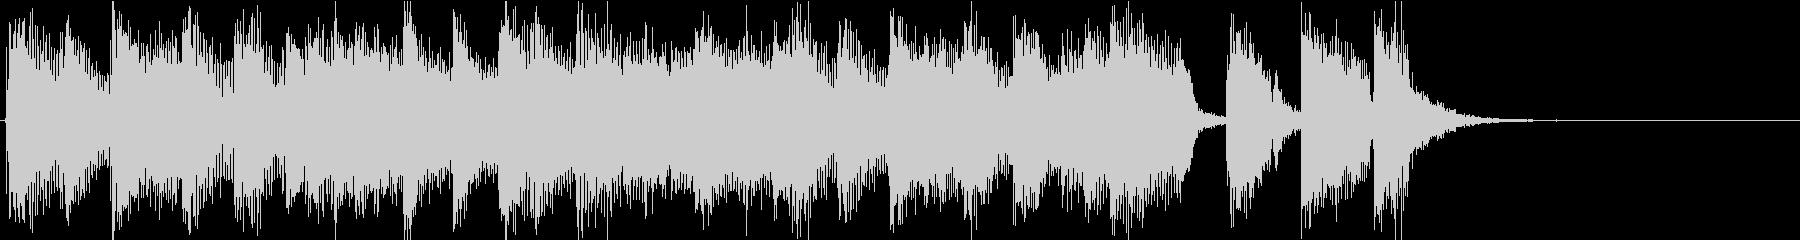 渋いサックス音源使用のジングルですの未再生の波形